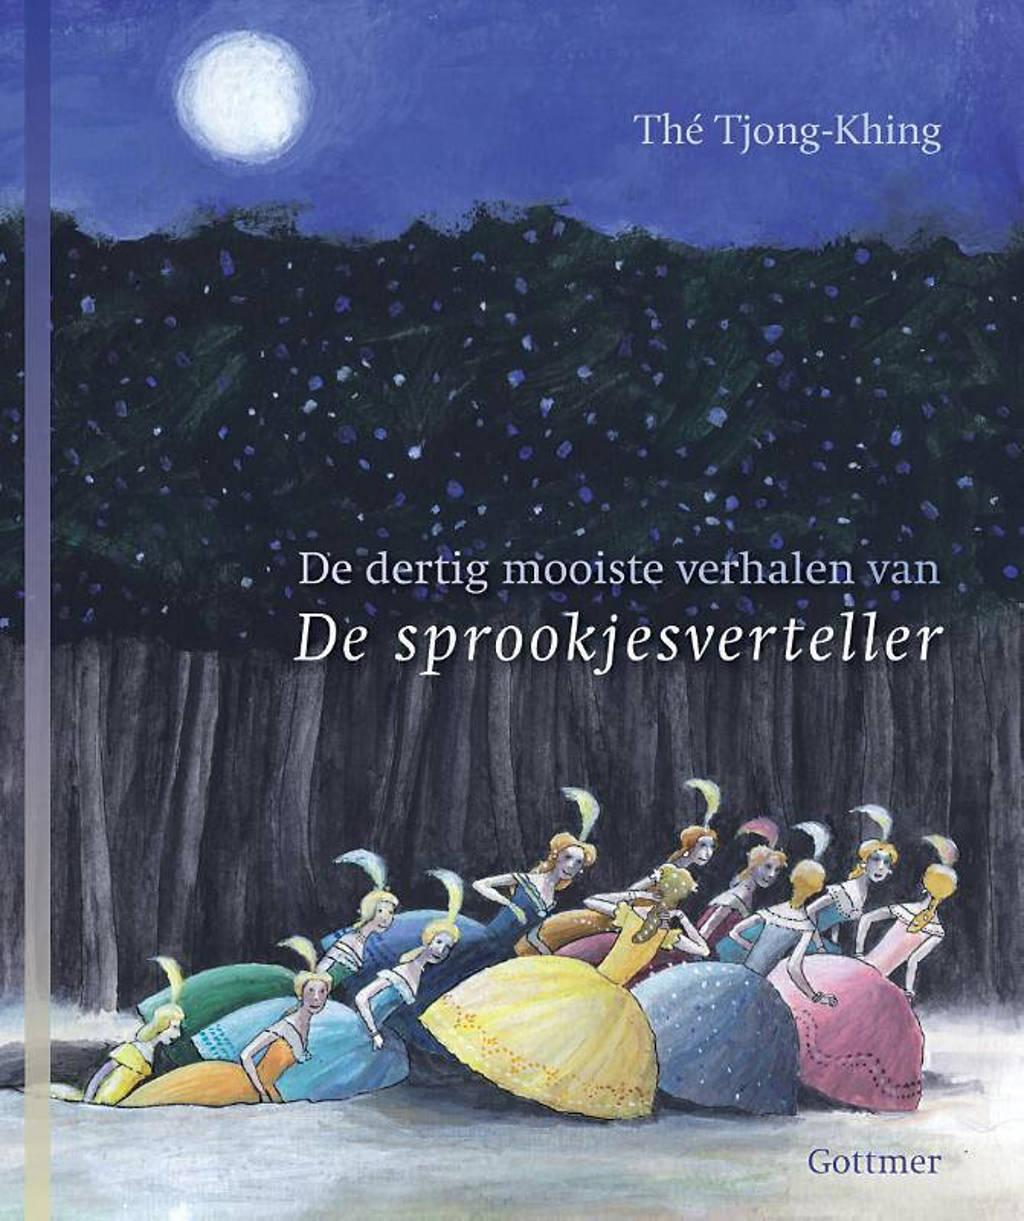 De dertig mooiste verhalen van de sprookjesverteller - Tjong-Khing The